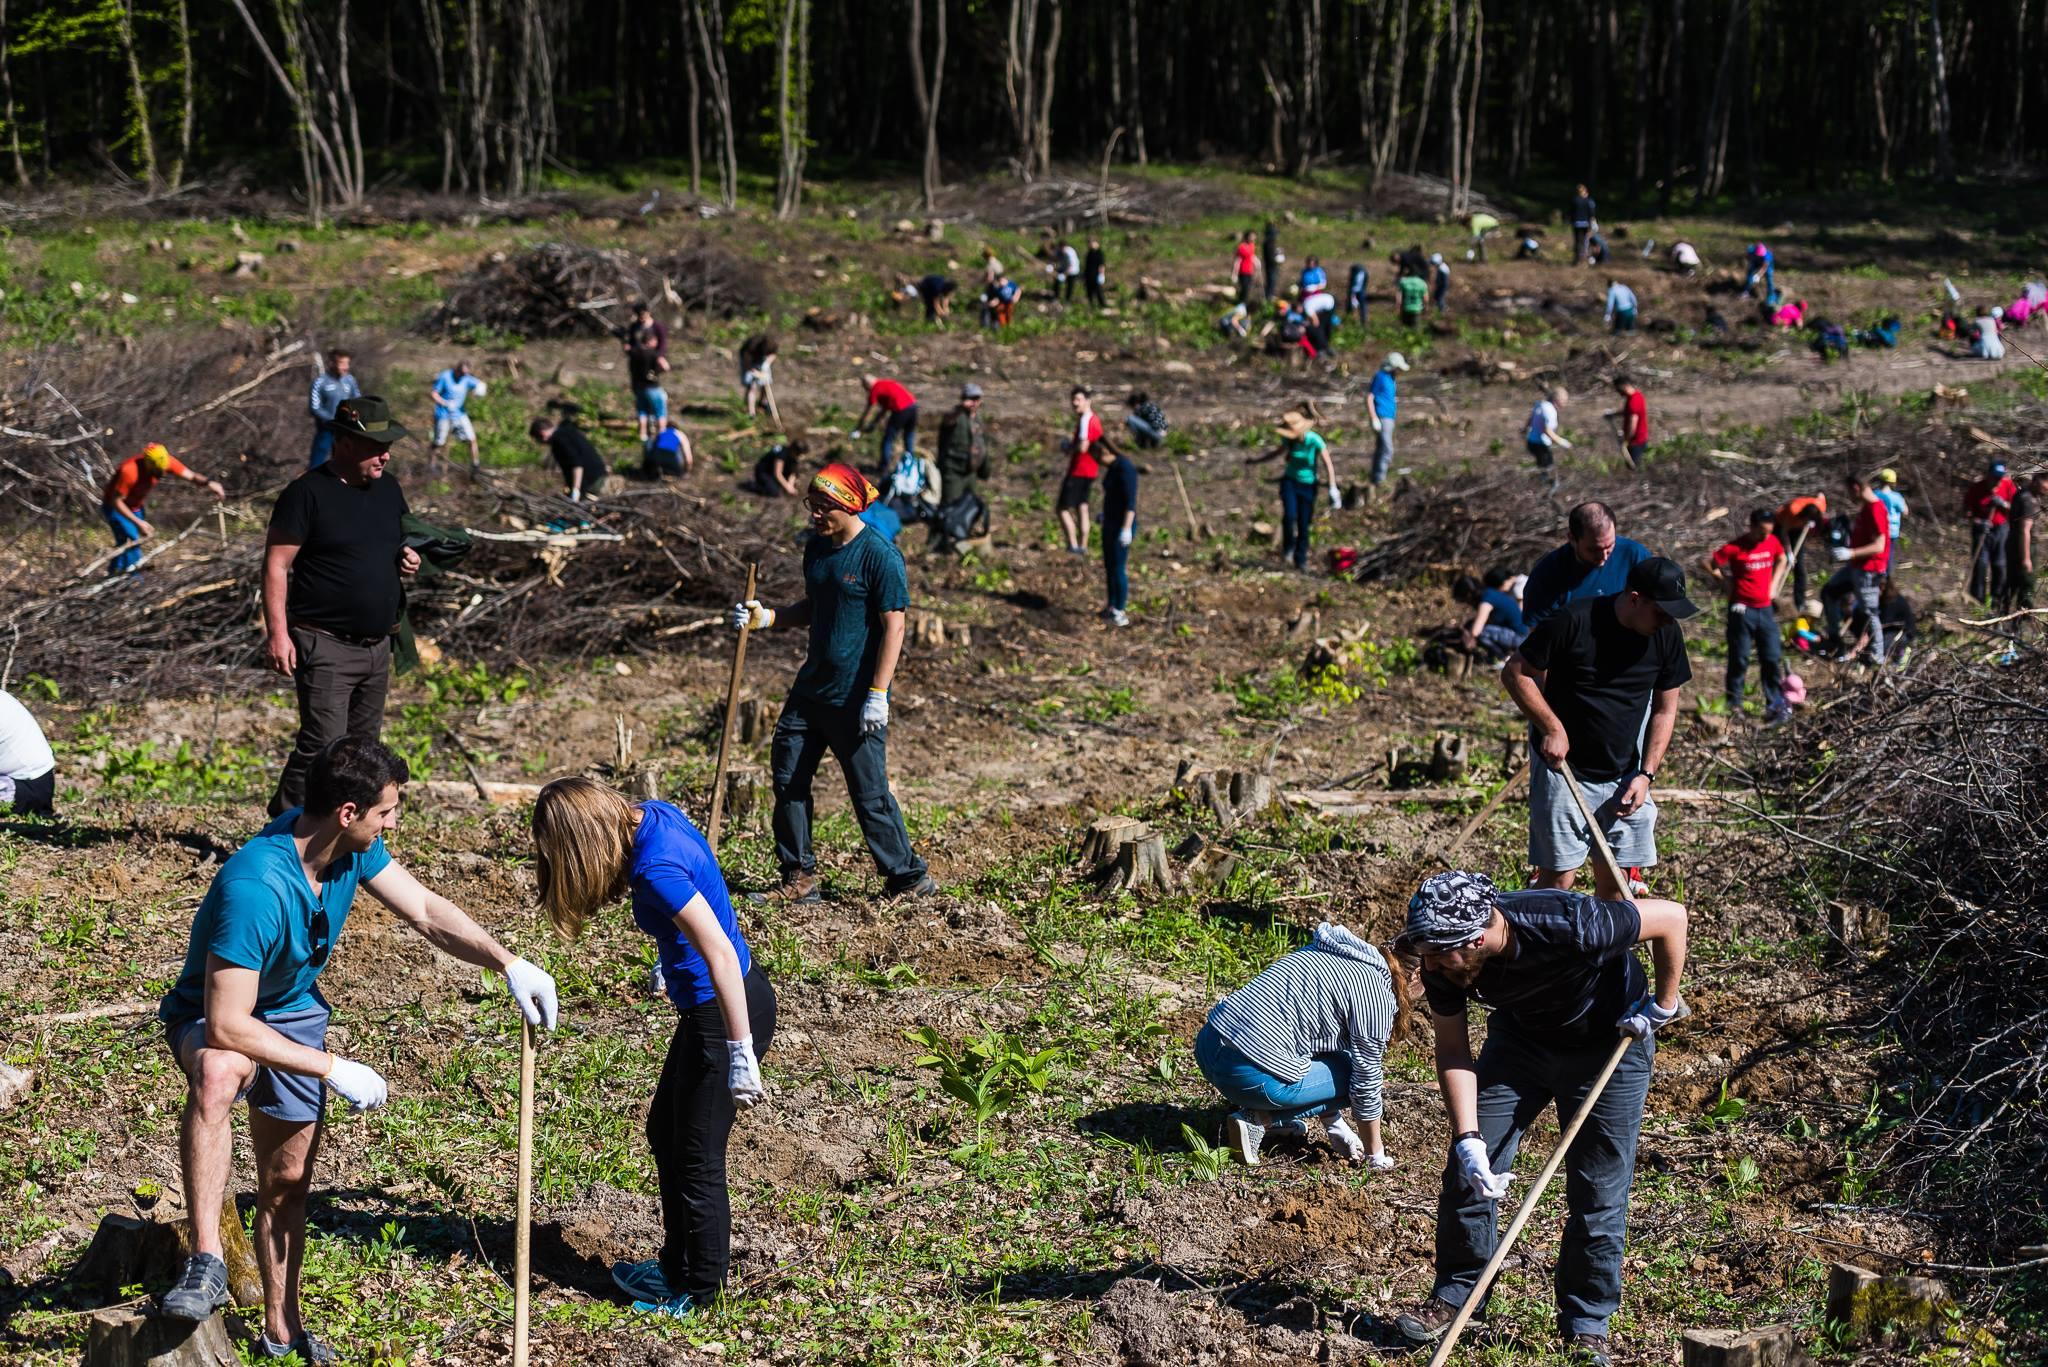 Ne întoarcem la Vâlcele împreună cu .msg România, pentru campania de împădurit 2.0